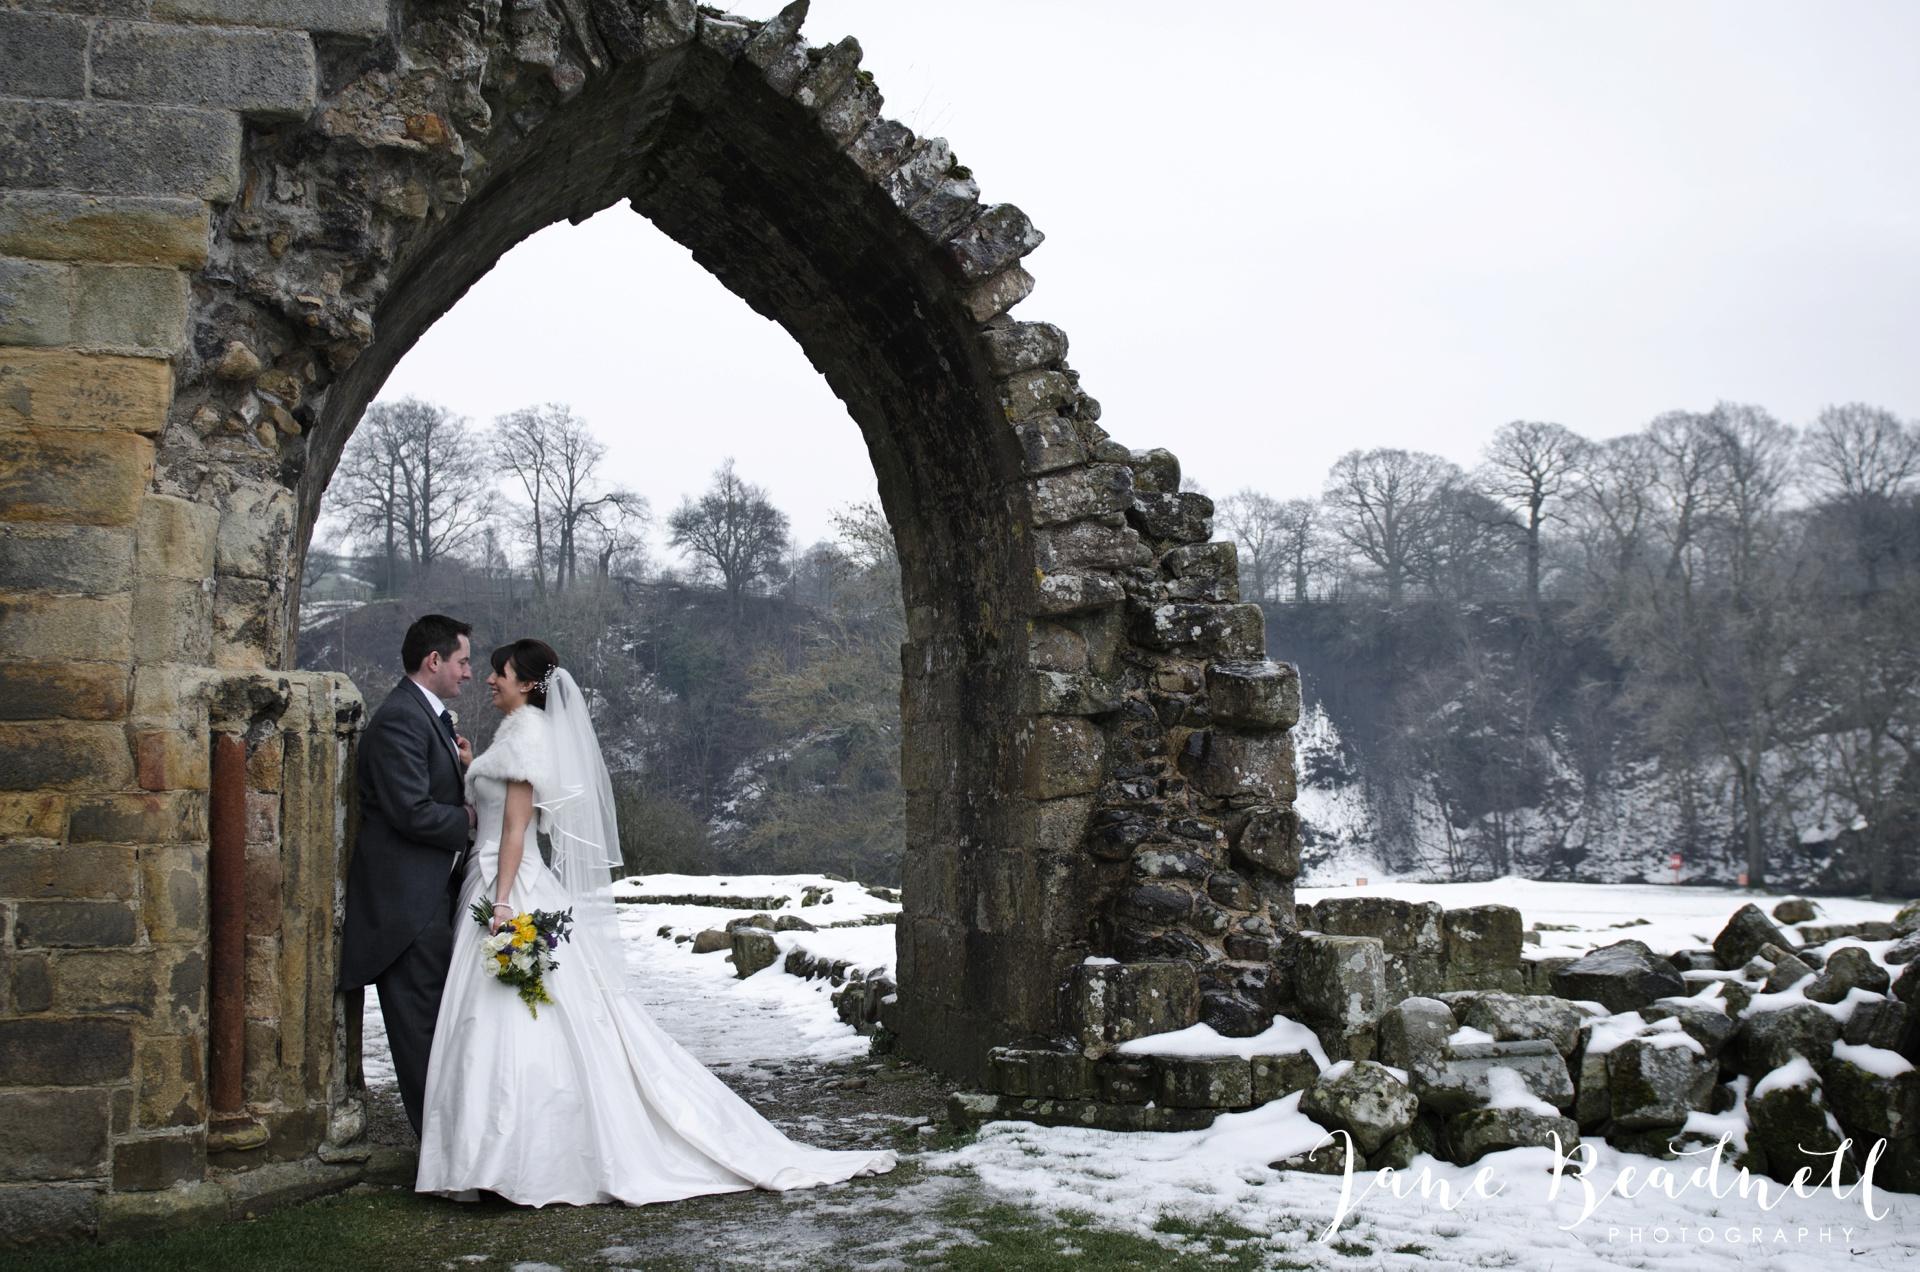 creative wedding photographer Leeds Jane Beadnell wedding photographer_0003